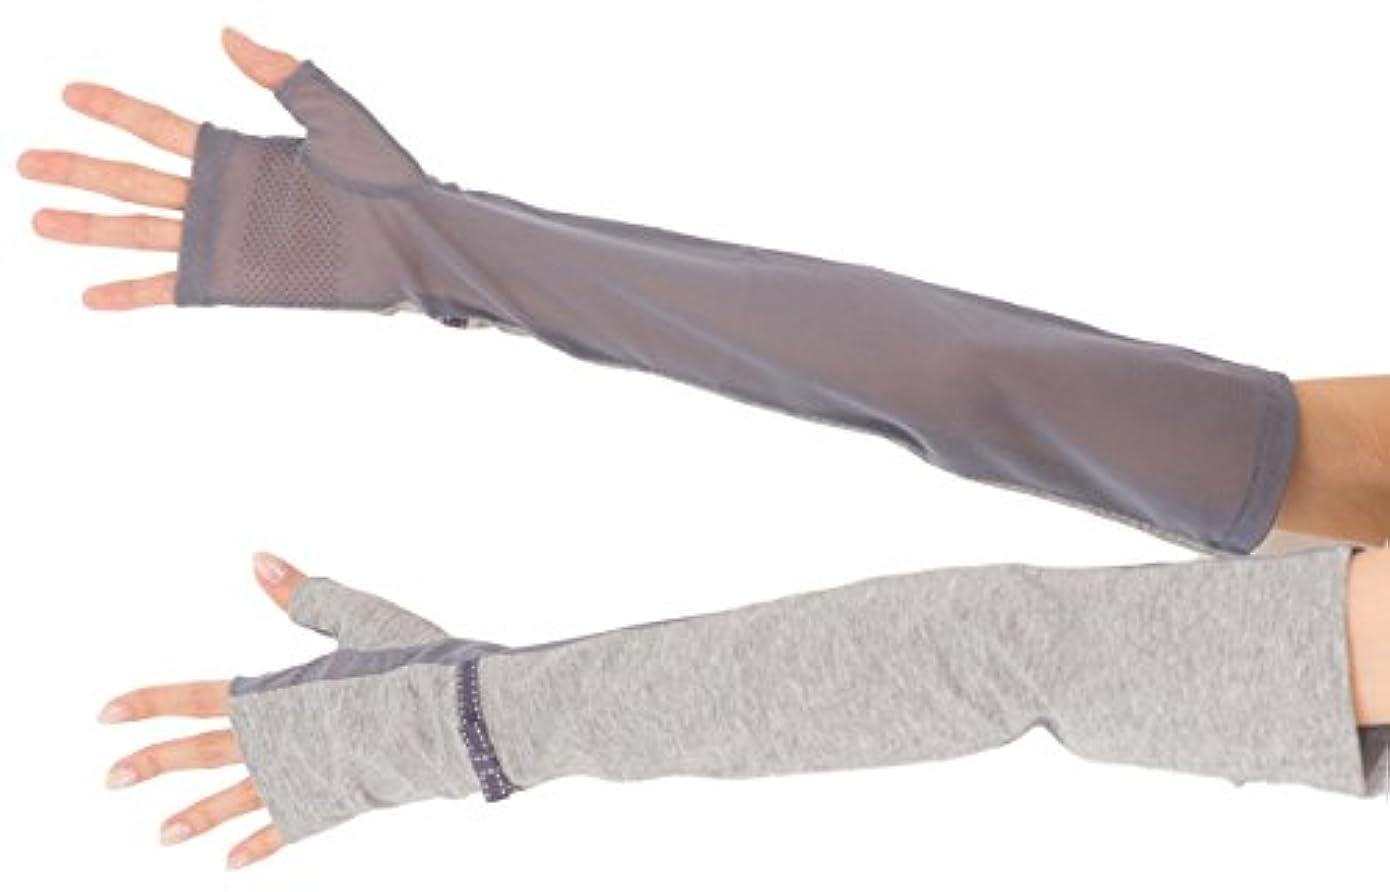 被るお酢問い合わせエル (ELLE) 接触冷感 スマホ対応 指なし ロング タイプ UV 手袋 メッシュ リボン 滑り止め ケース付 (グレー)